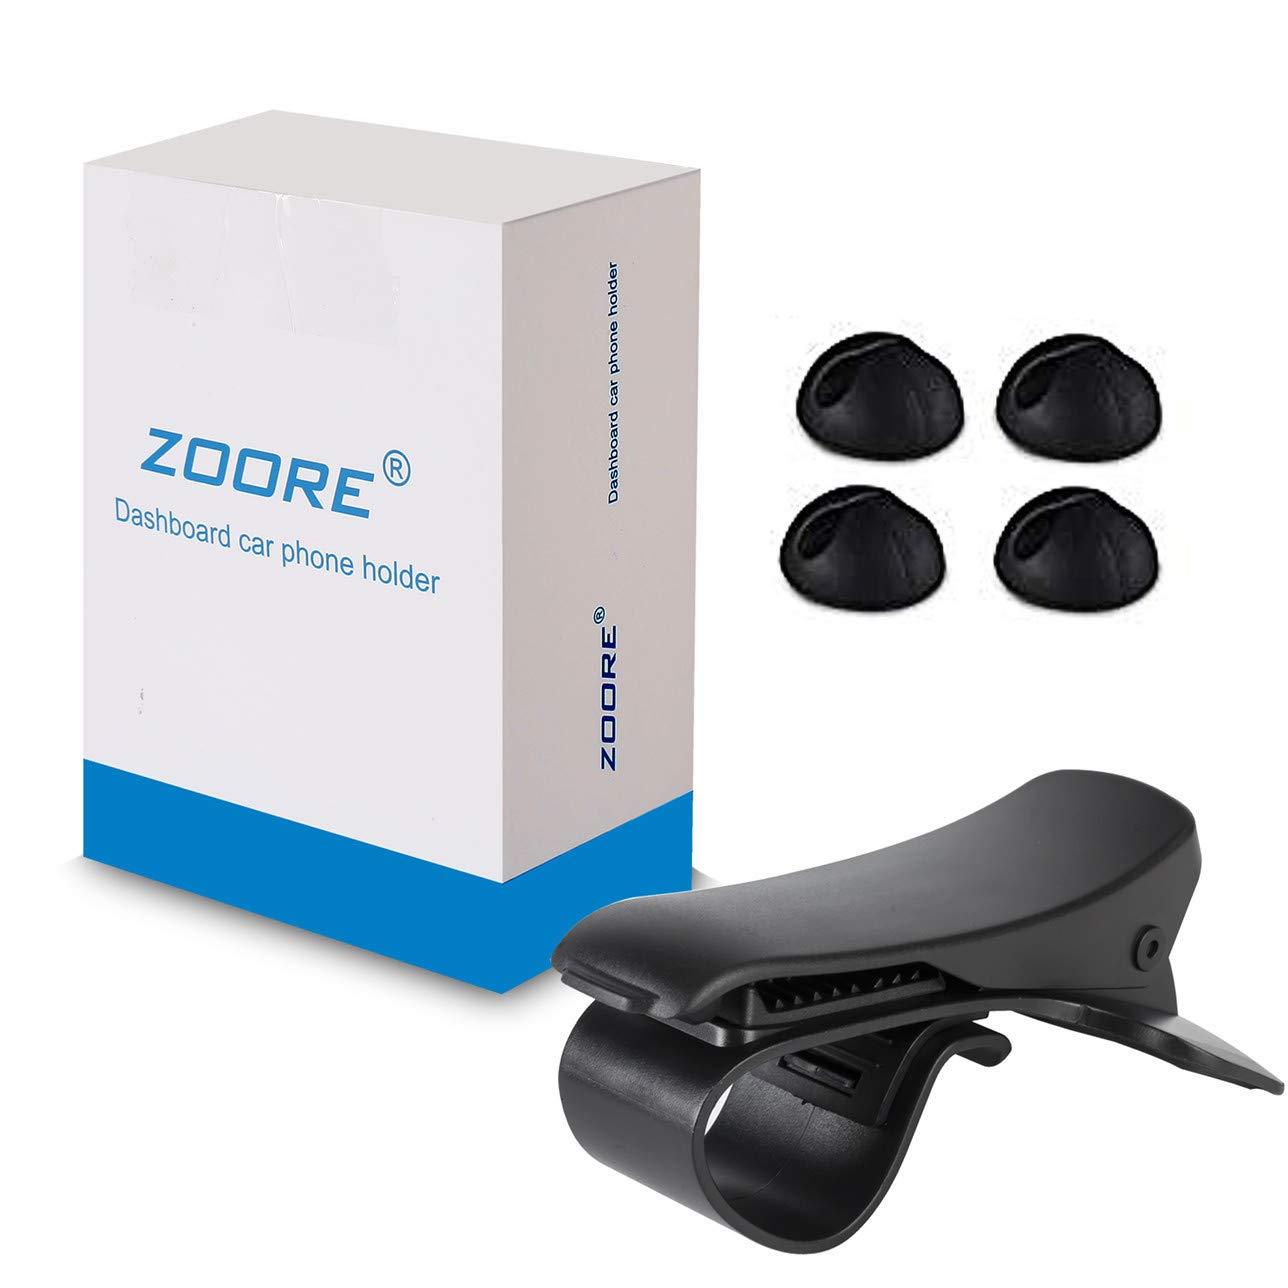 ZOORE Supporto Smartphone per Auto Cruscotto GPS HUD, 360° Supporto per Auto per Montaggio su Auto per iPhone Compatibile X / 8 / 8P / 7 / 7P / 6s / 6 / 6P, Huawei, Samsung, HTC - Rosso